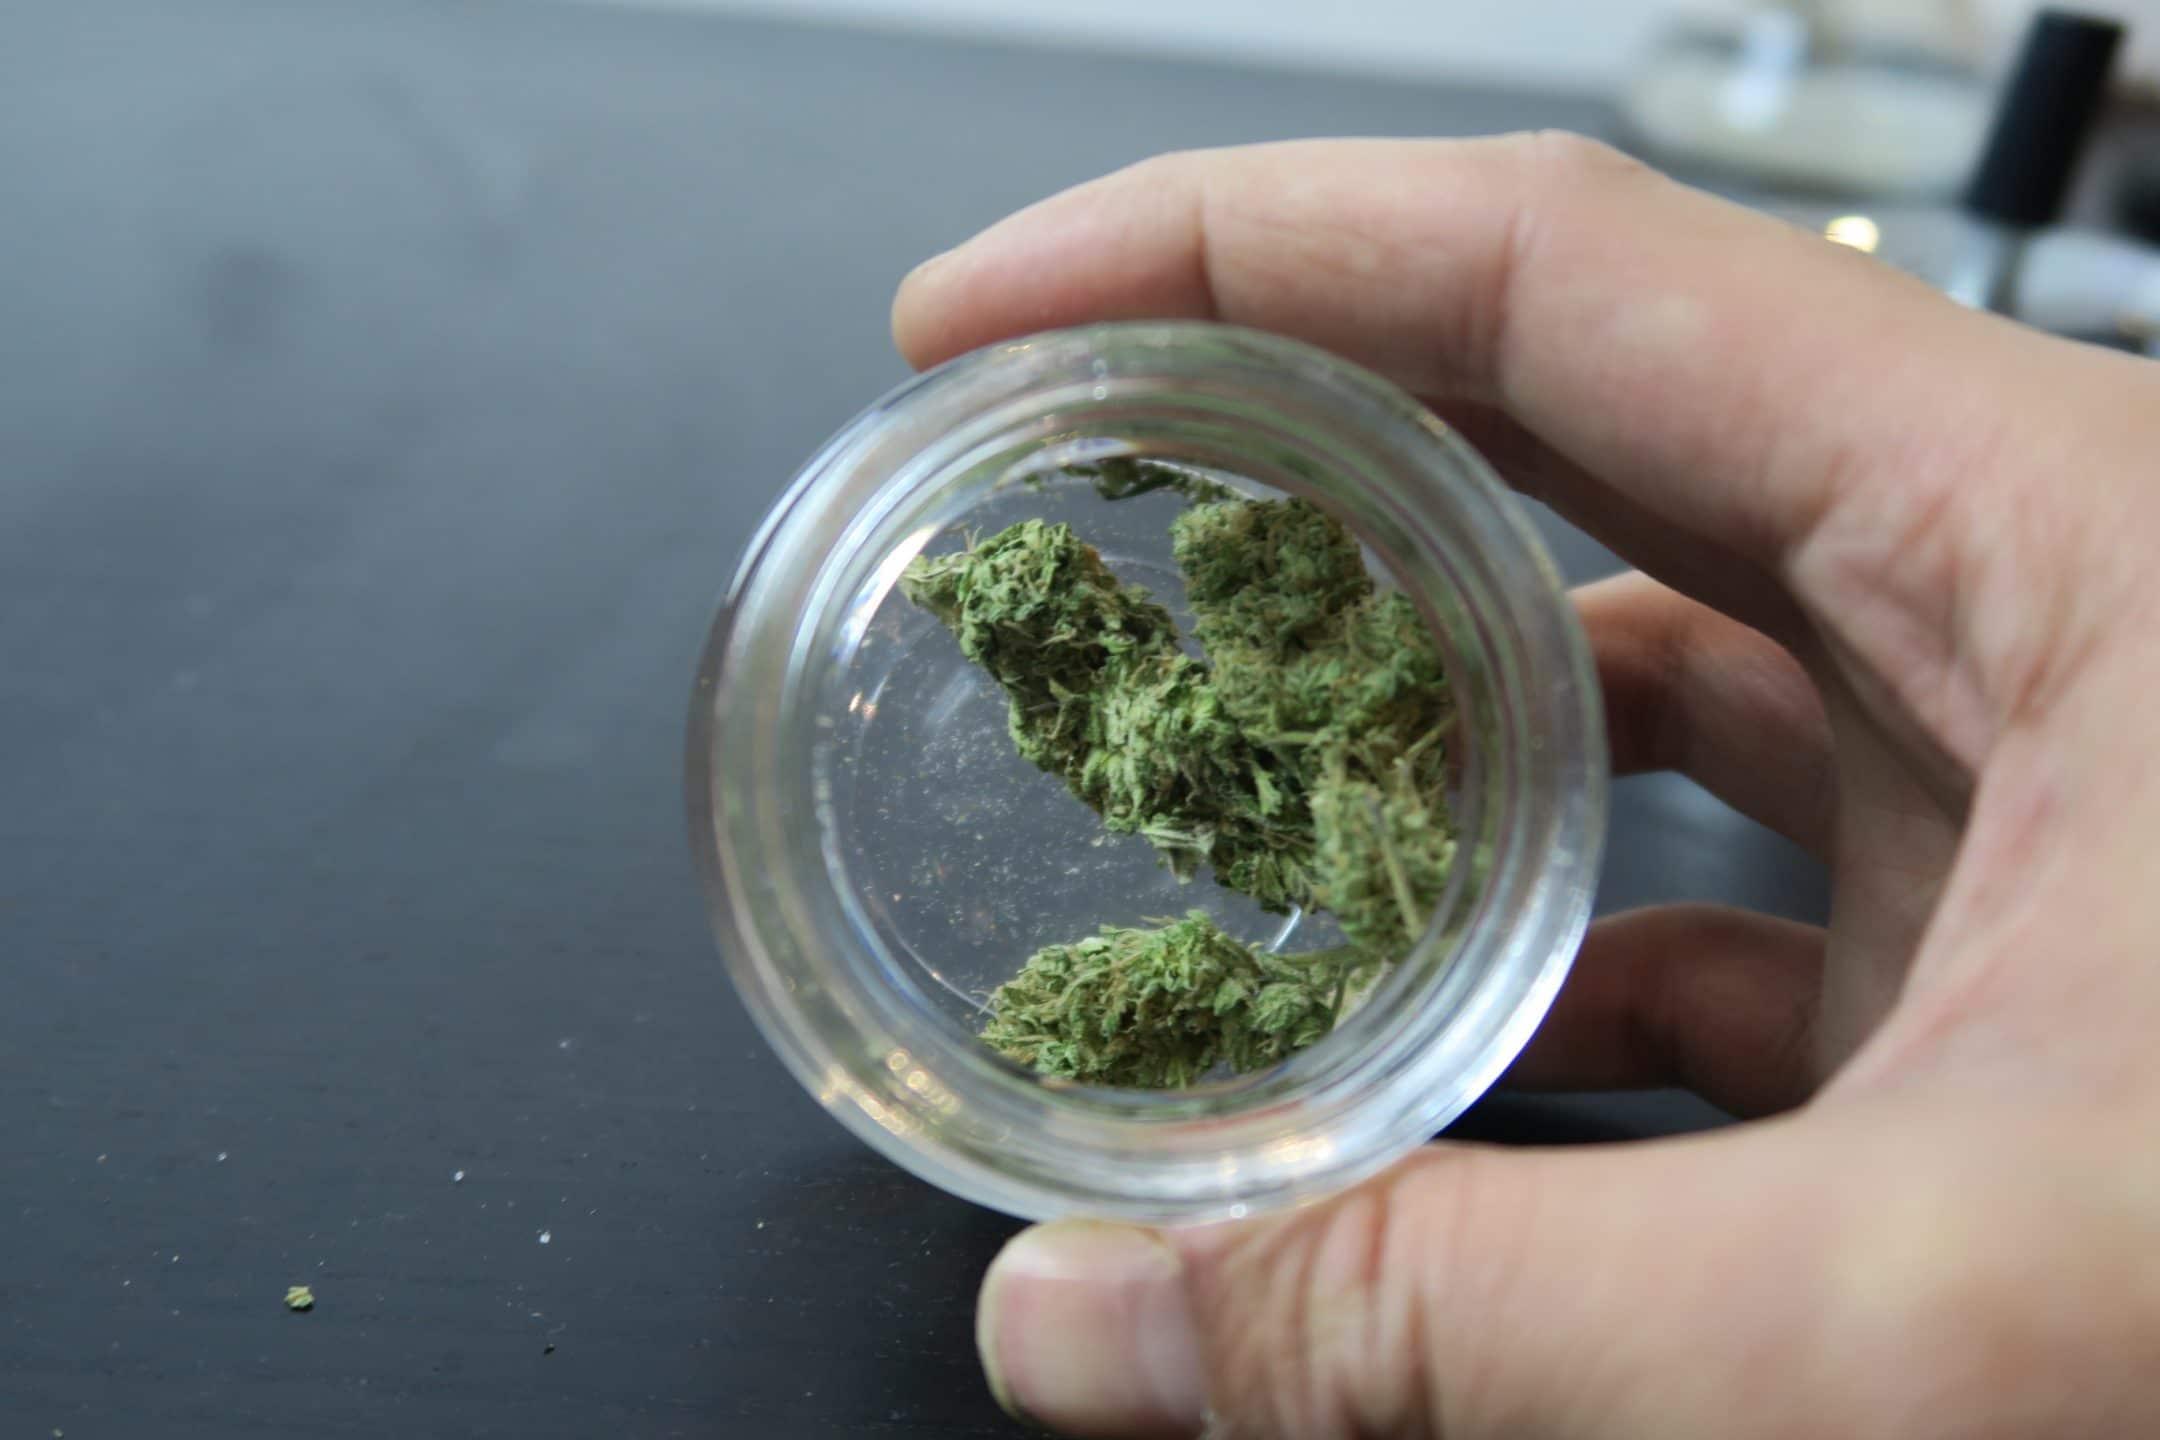 B29 Cannabis, B29 Cannabis Strain Review